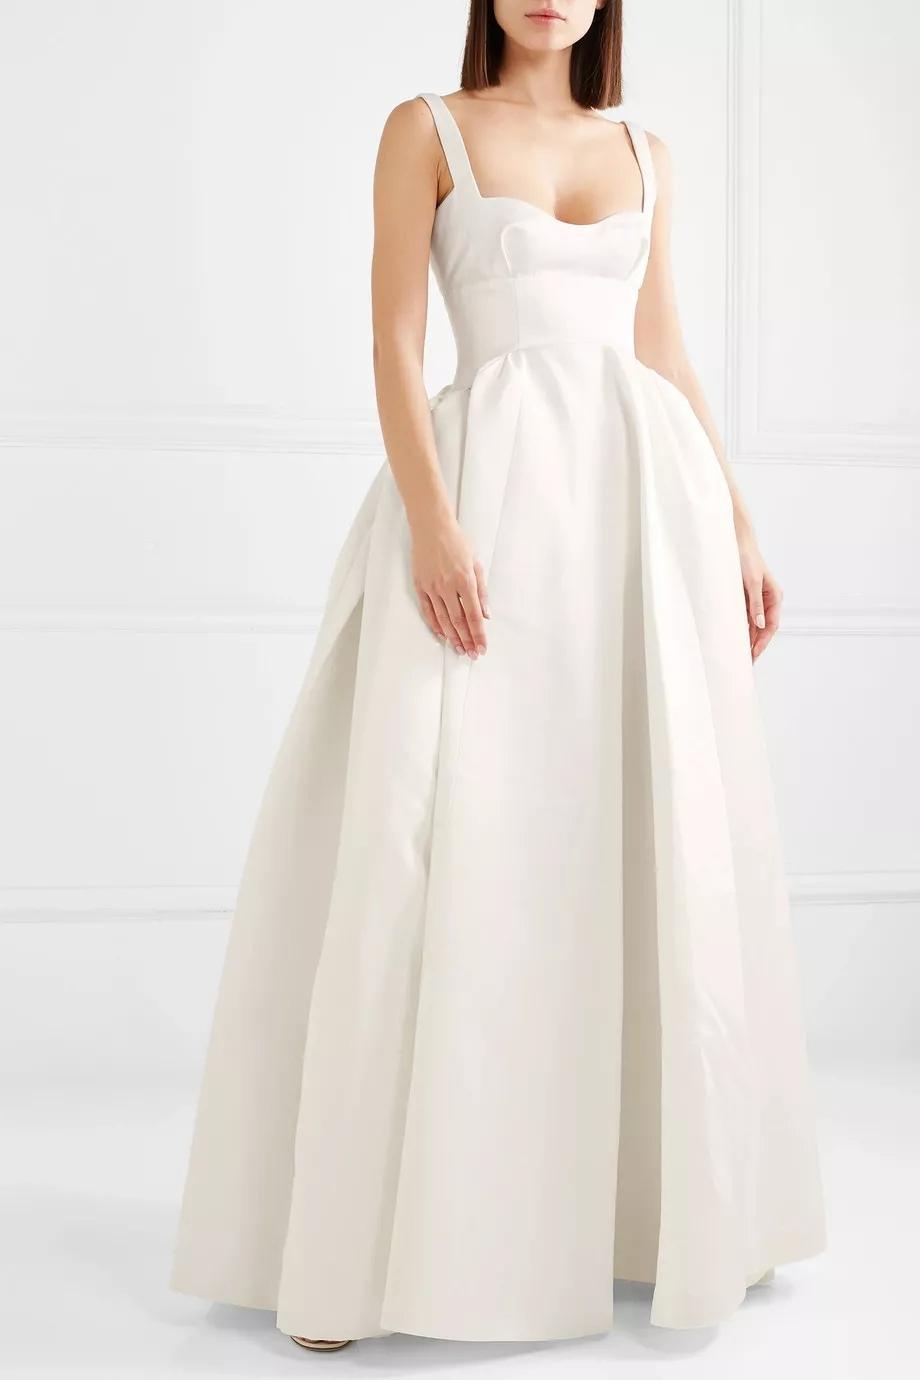 xf3gHPPZ03s - 21 романтическое платье для невесты в 2021 свадебном сезоне